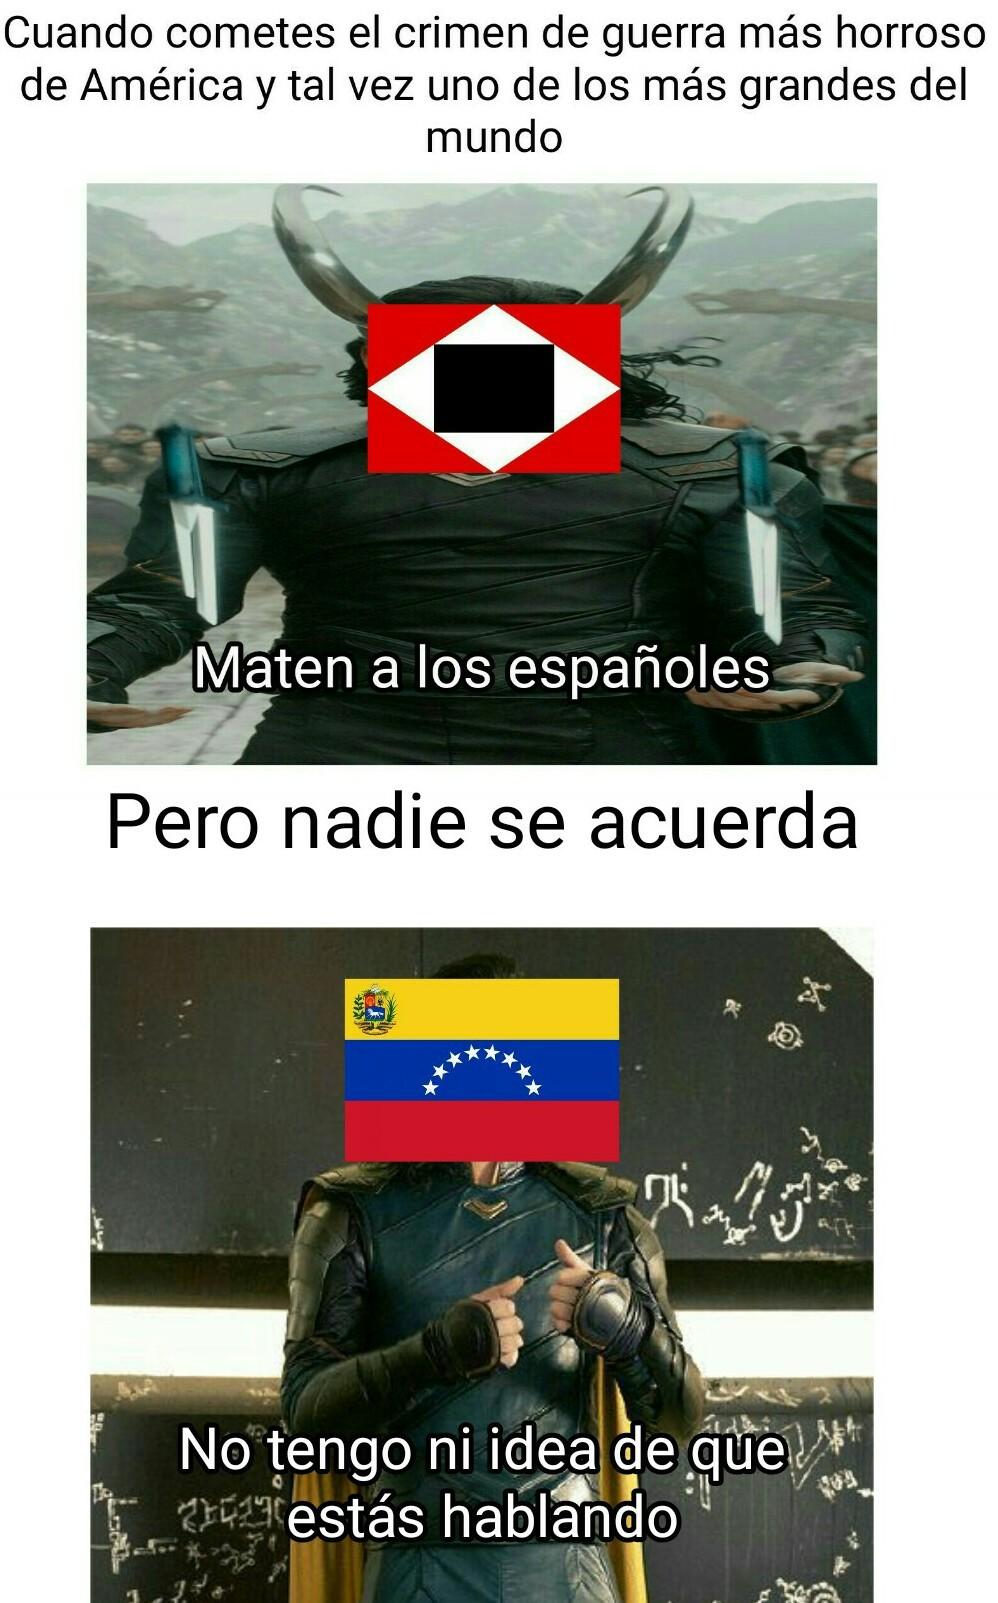 Guerra a Muerte - meme